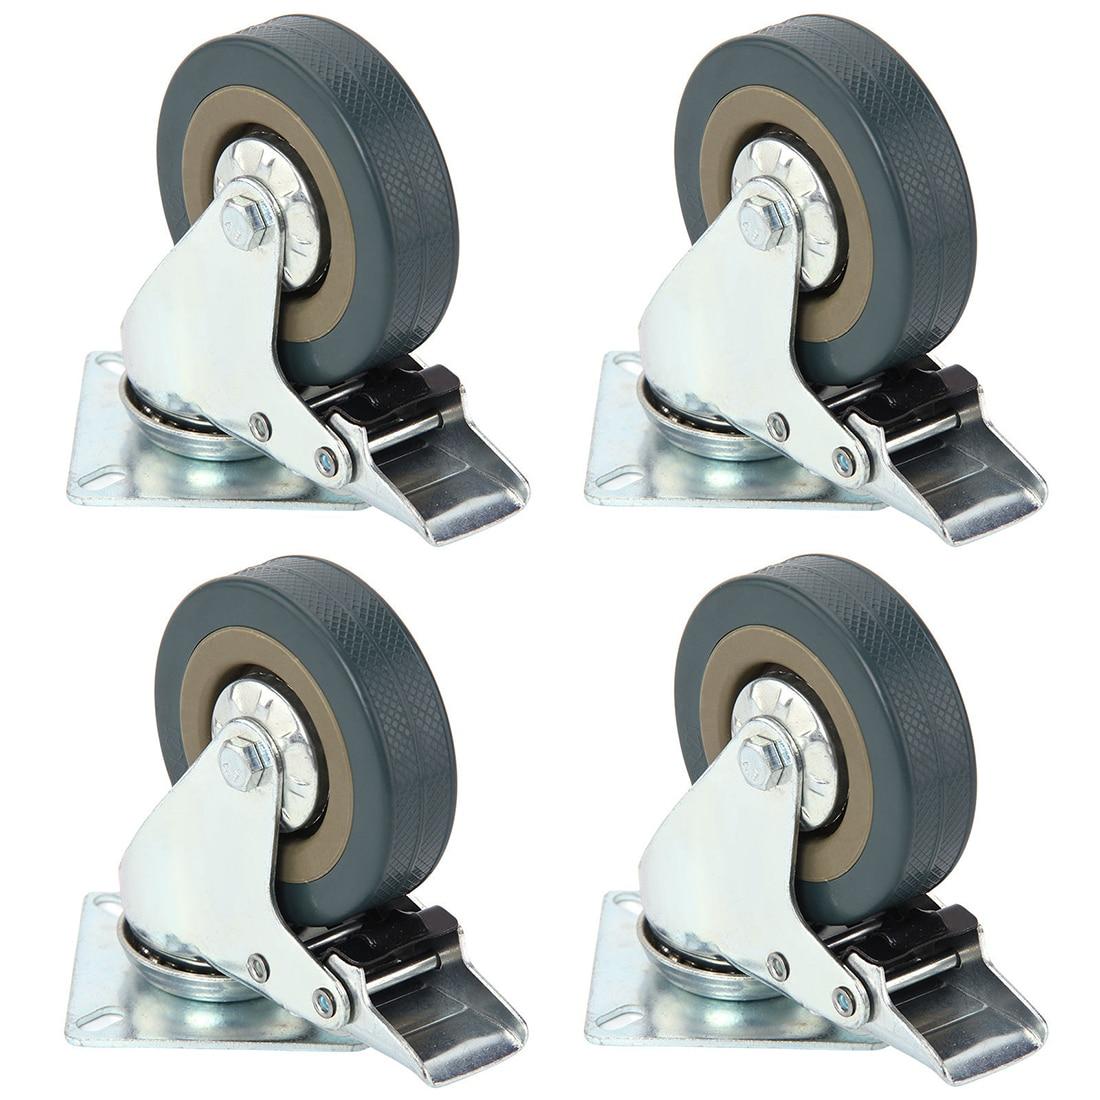 Set of Heavy Duty 50x17mm Rubber Swivel Castor Wheels Trolley Caster Brake 40KGModel:4 with brake heavy duty 75mm rubber wheel swivel castor wheels trolley caster brake set of castor with brake